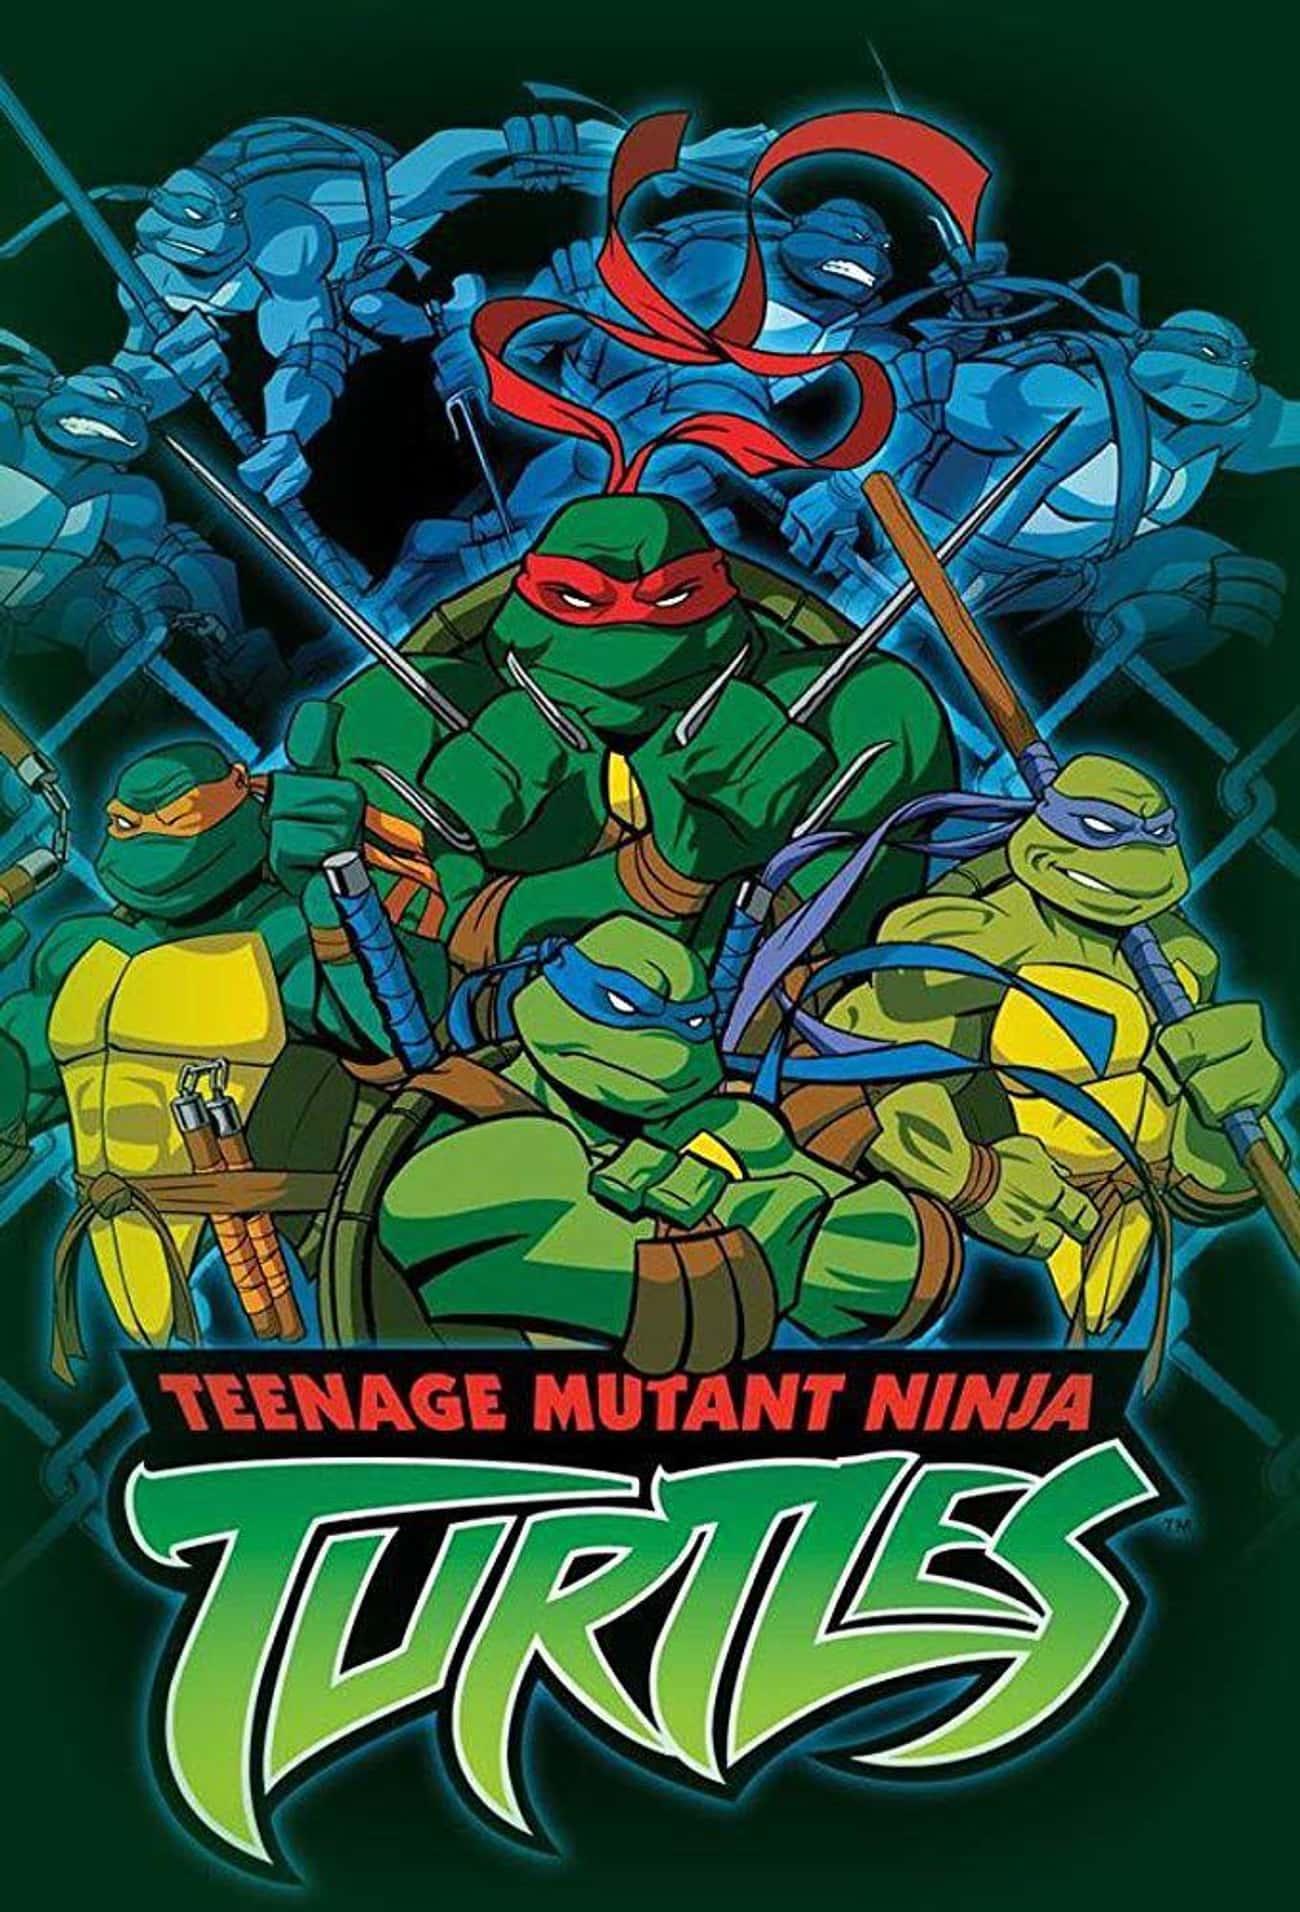 Teenage Mutant Ninja Turtles (2003 - 2009)